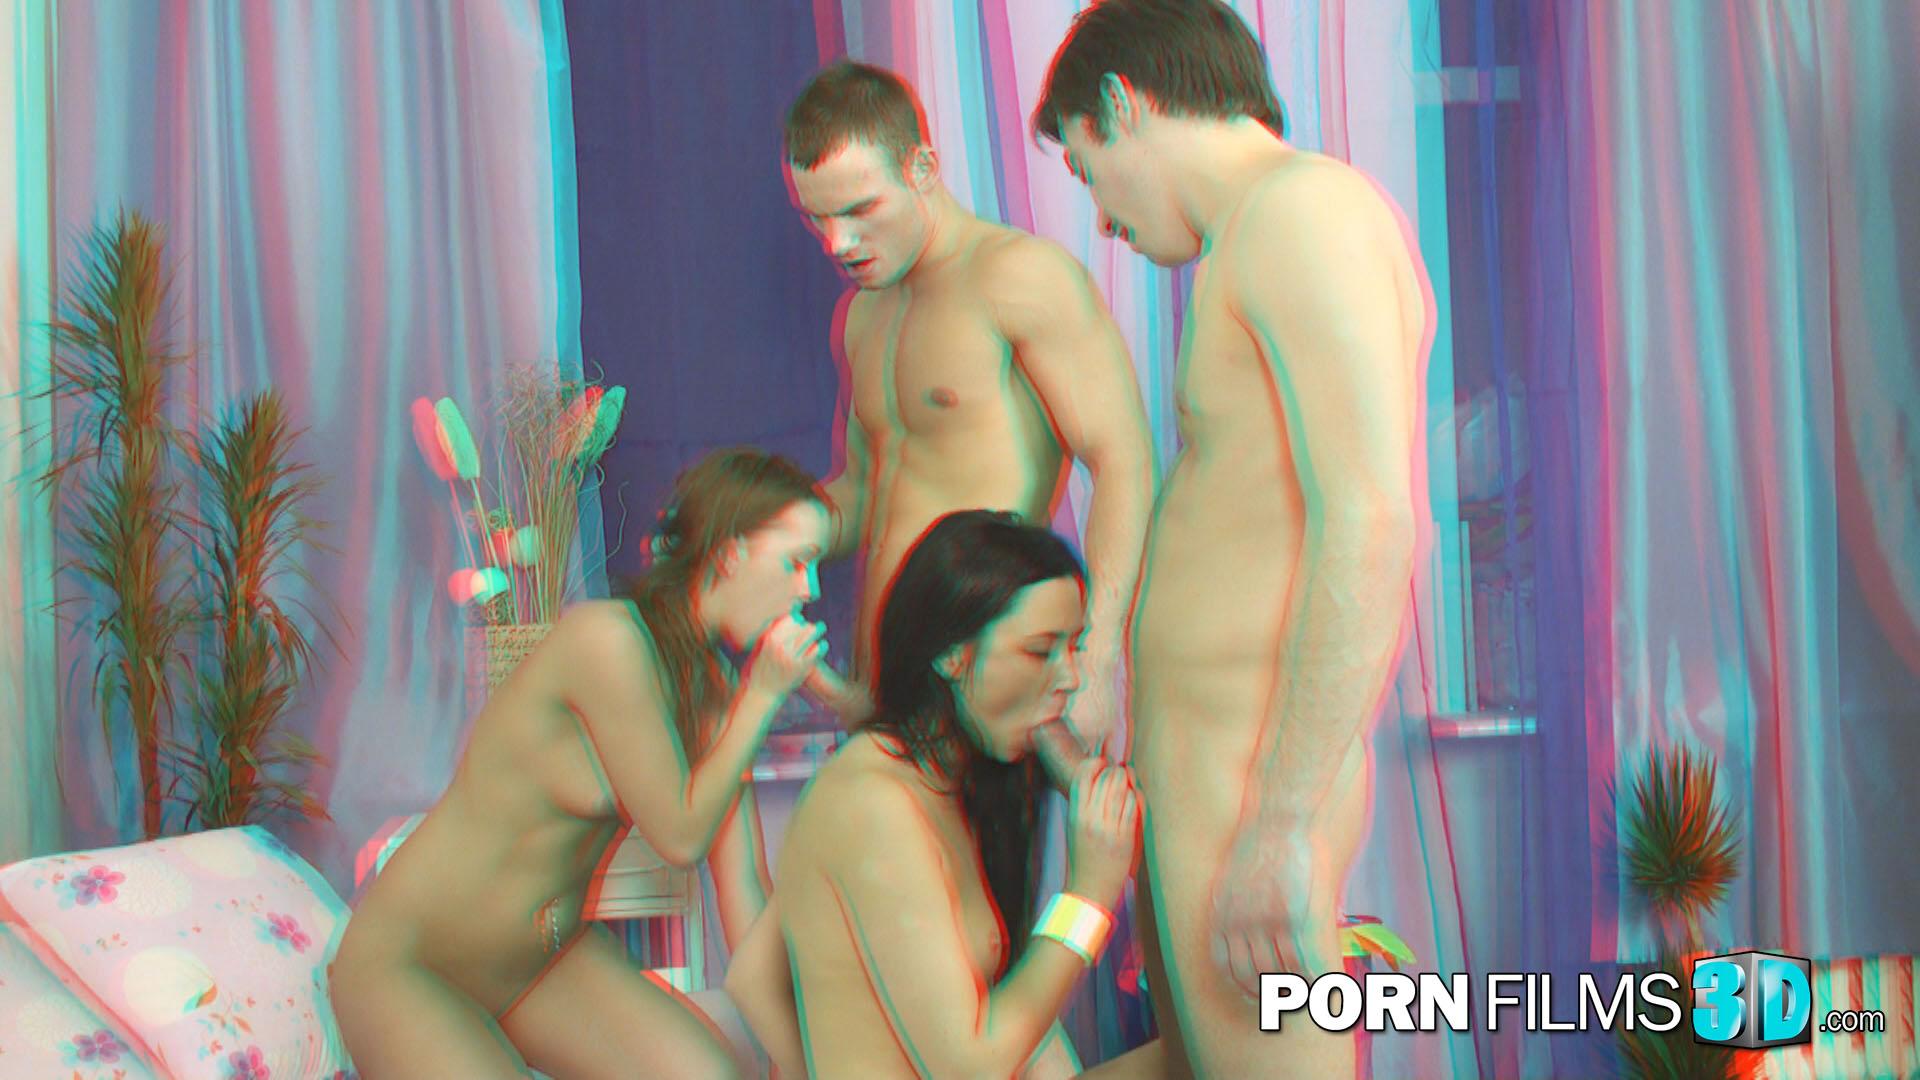 krasivoe-molodezhnoe-porno-smotret